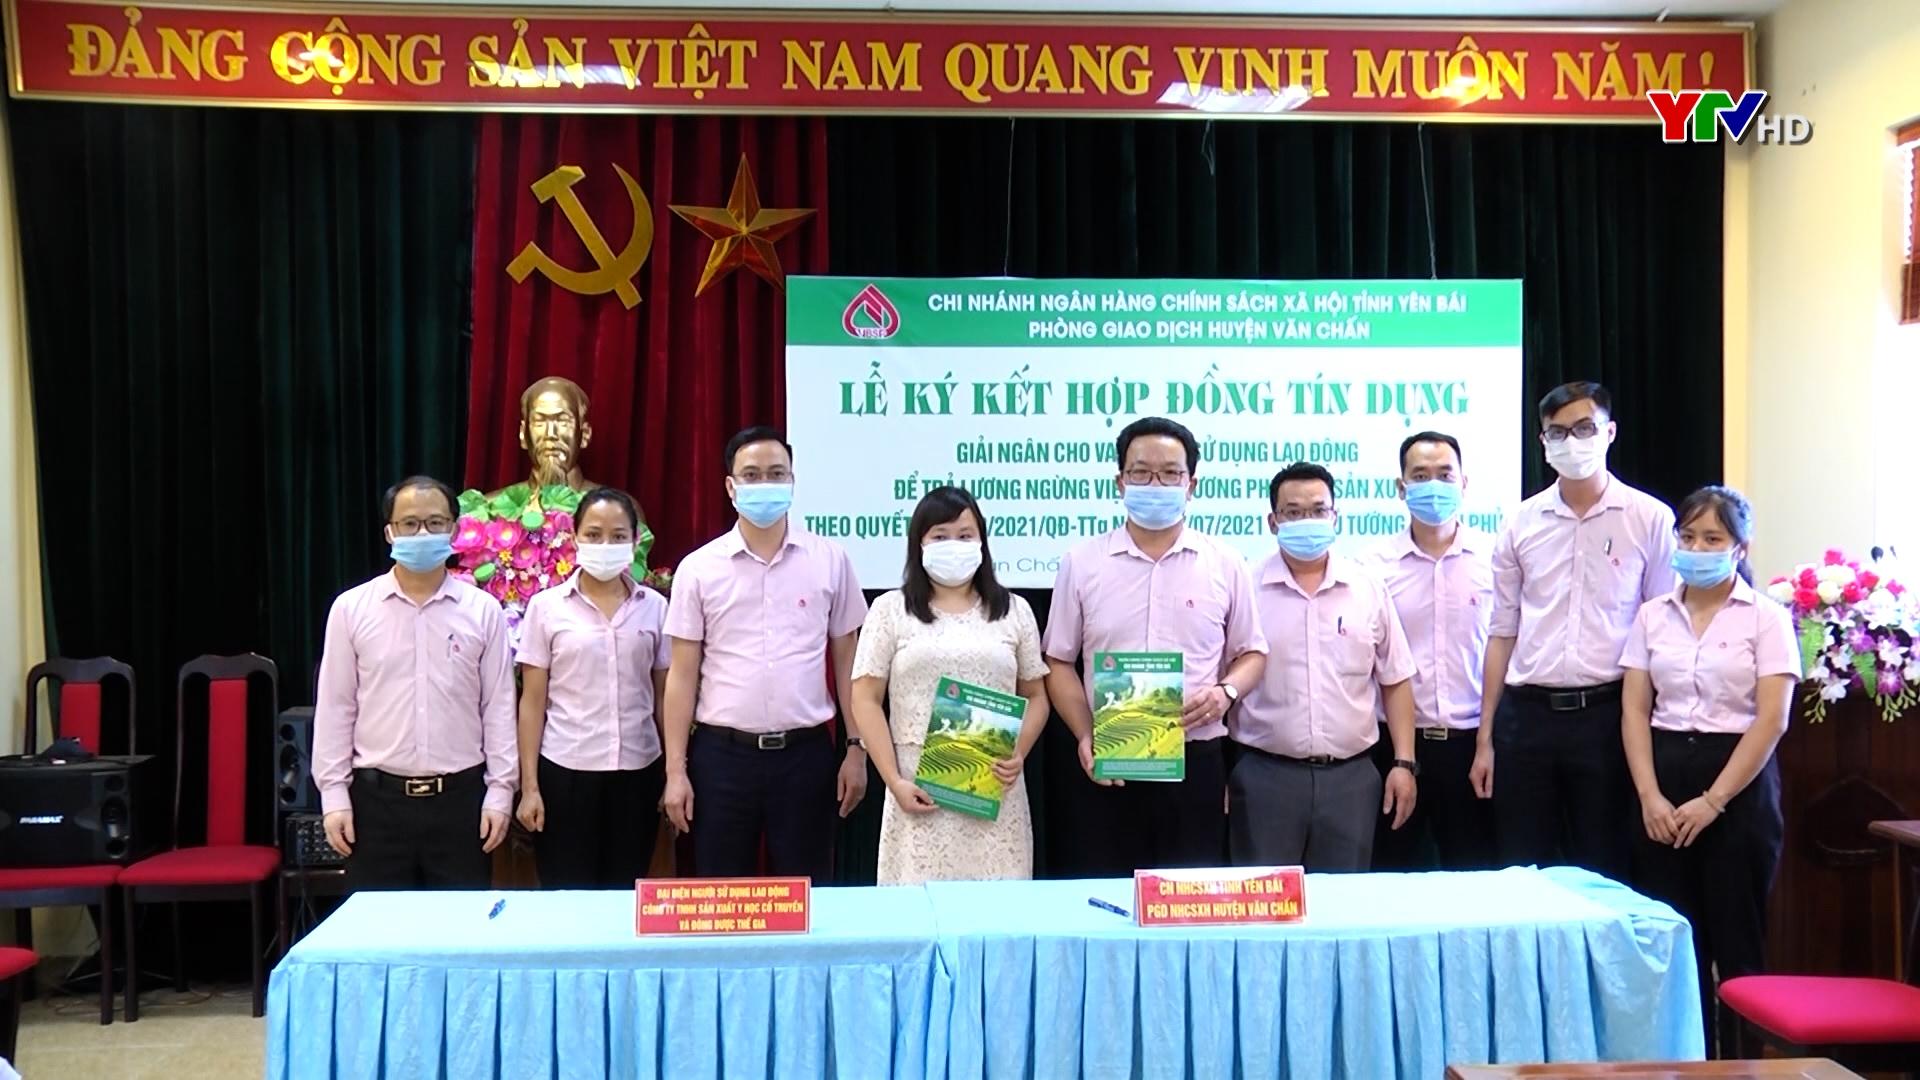 Doanh nghiệp đầu tiên của tỉnh Yên Bái được nhận hỗ trợ theo Nghị quyết 68 của Chính phủ